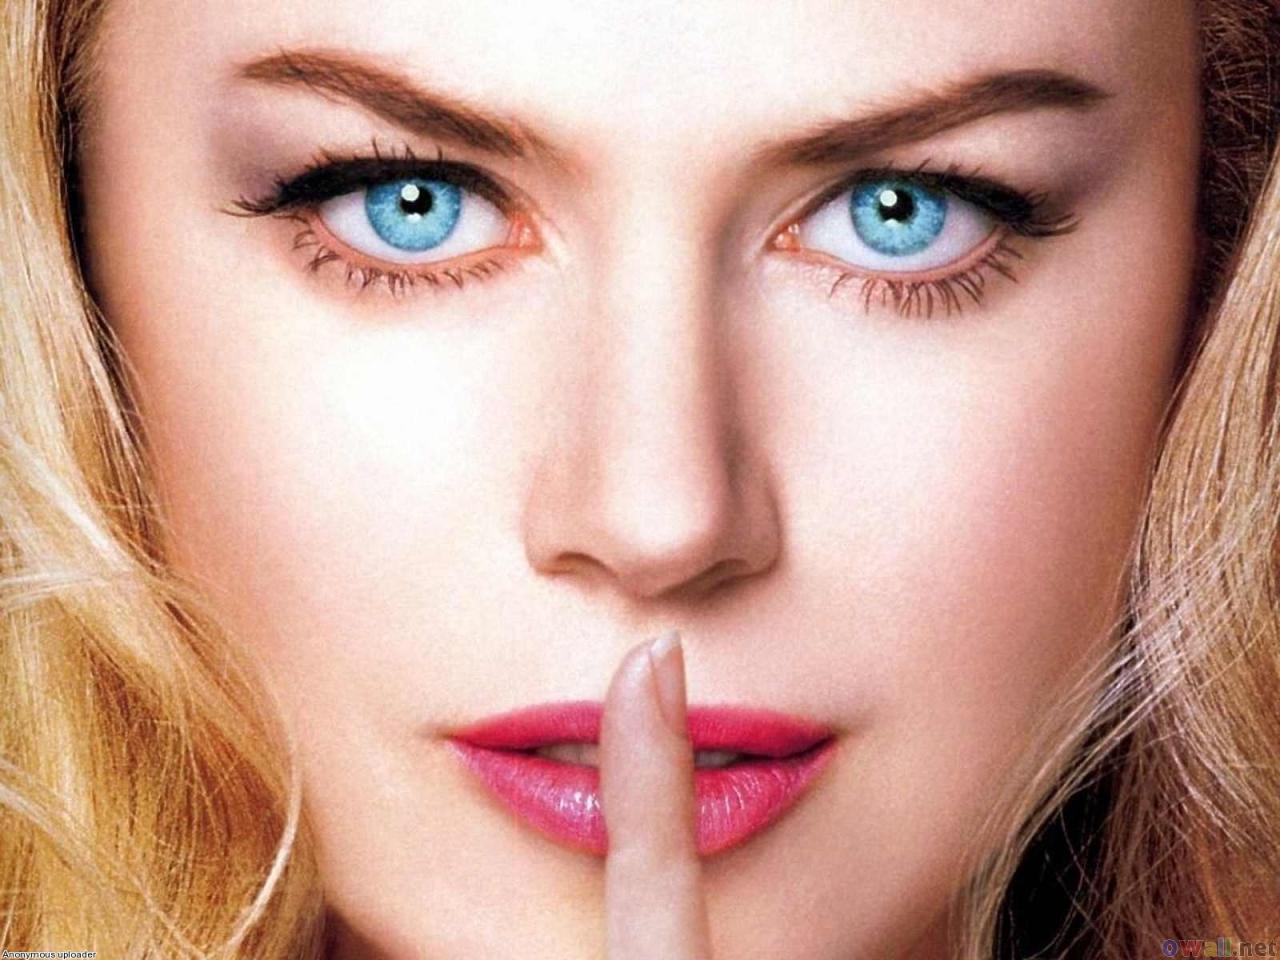 صورة عيون نساء جميلات 12979 4